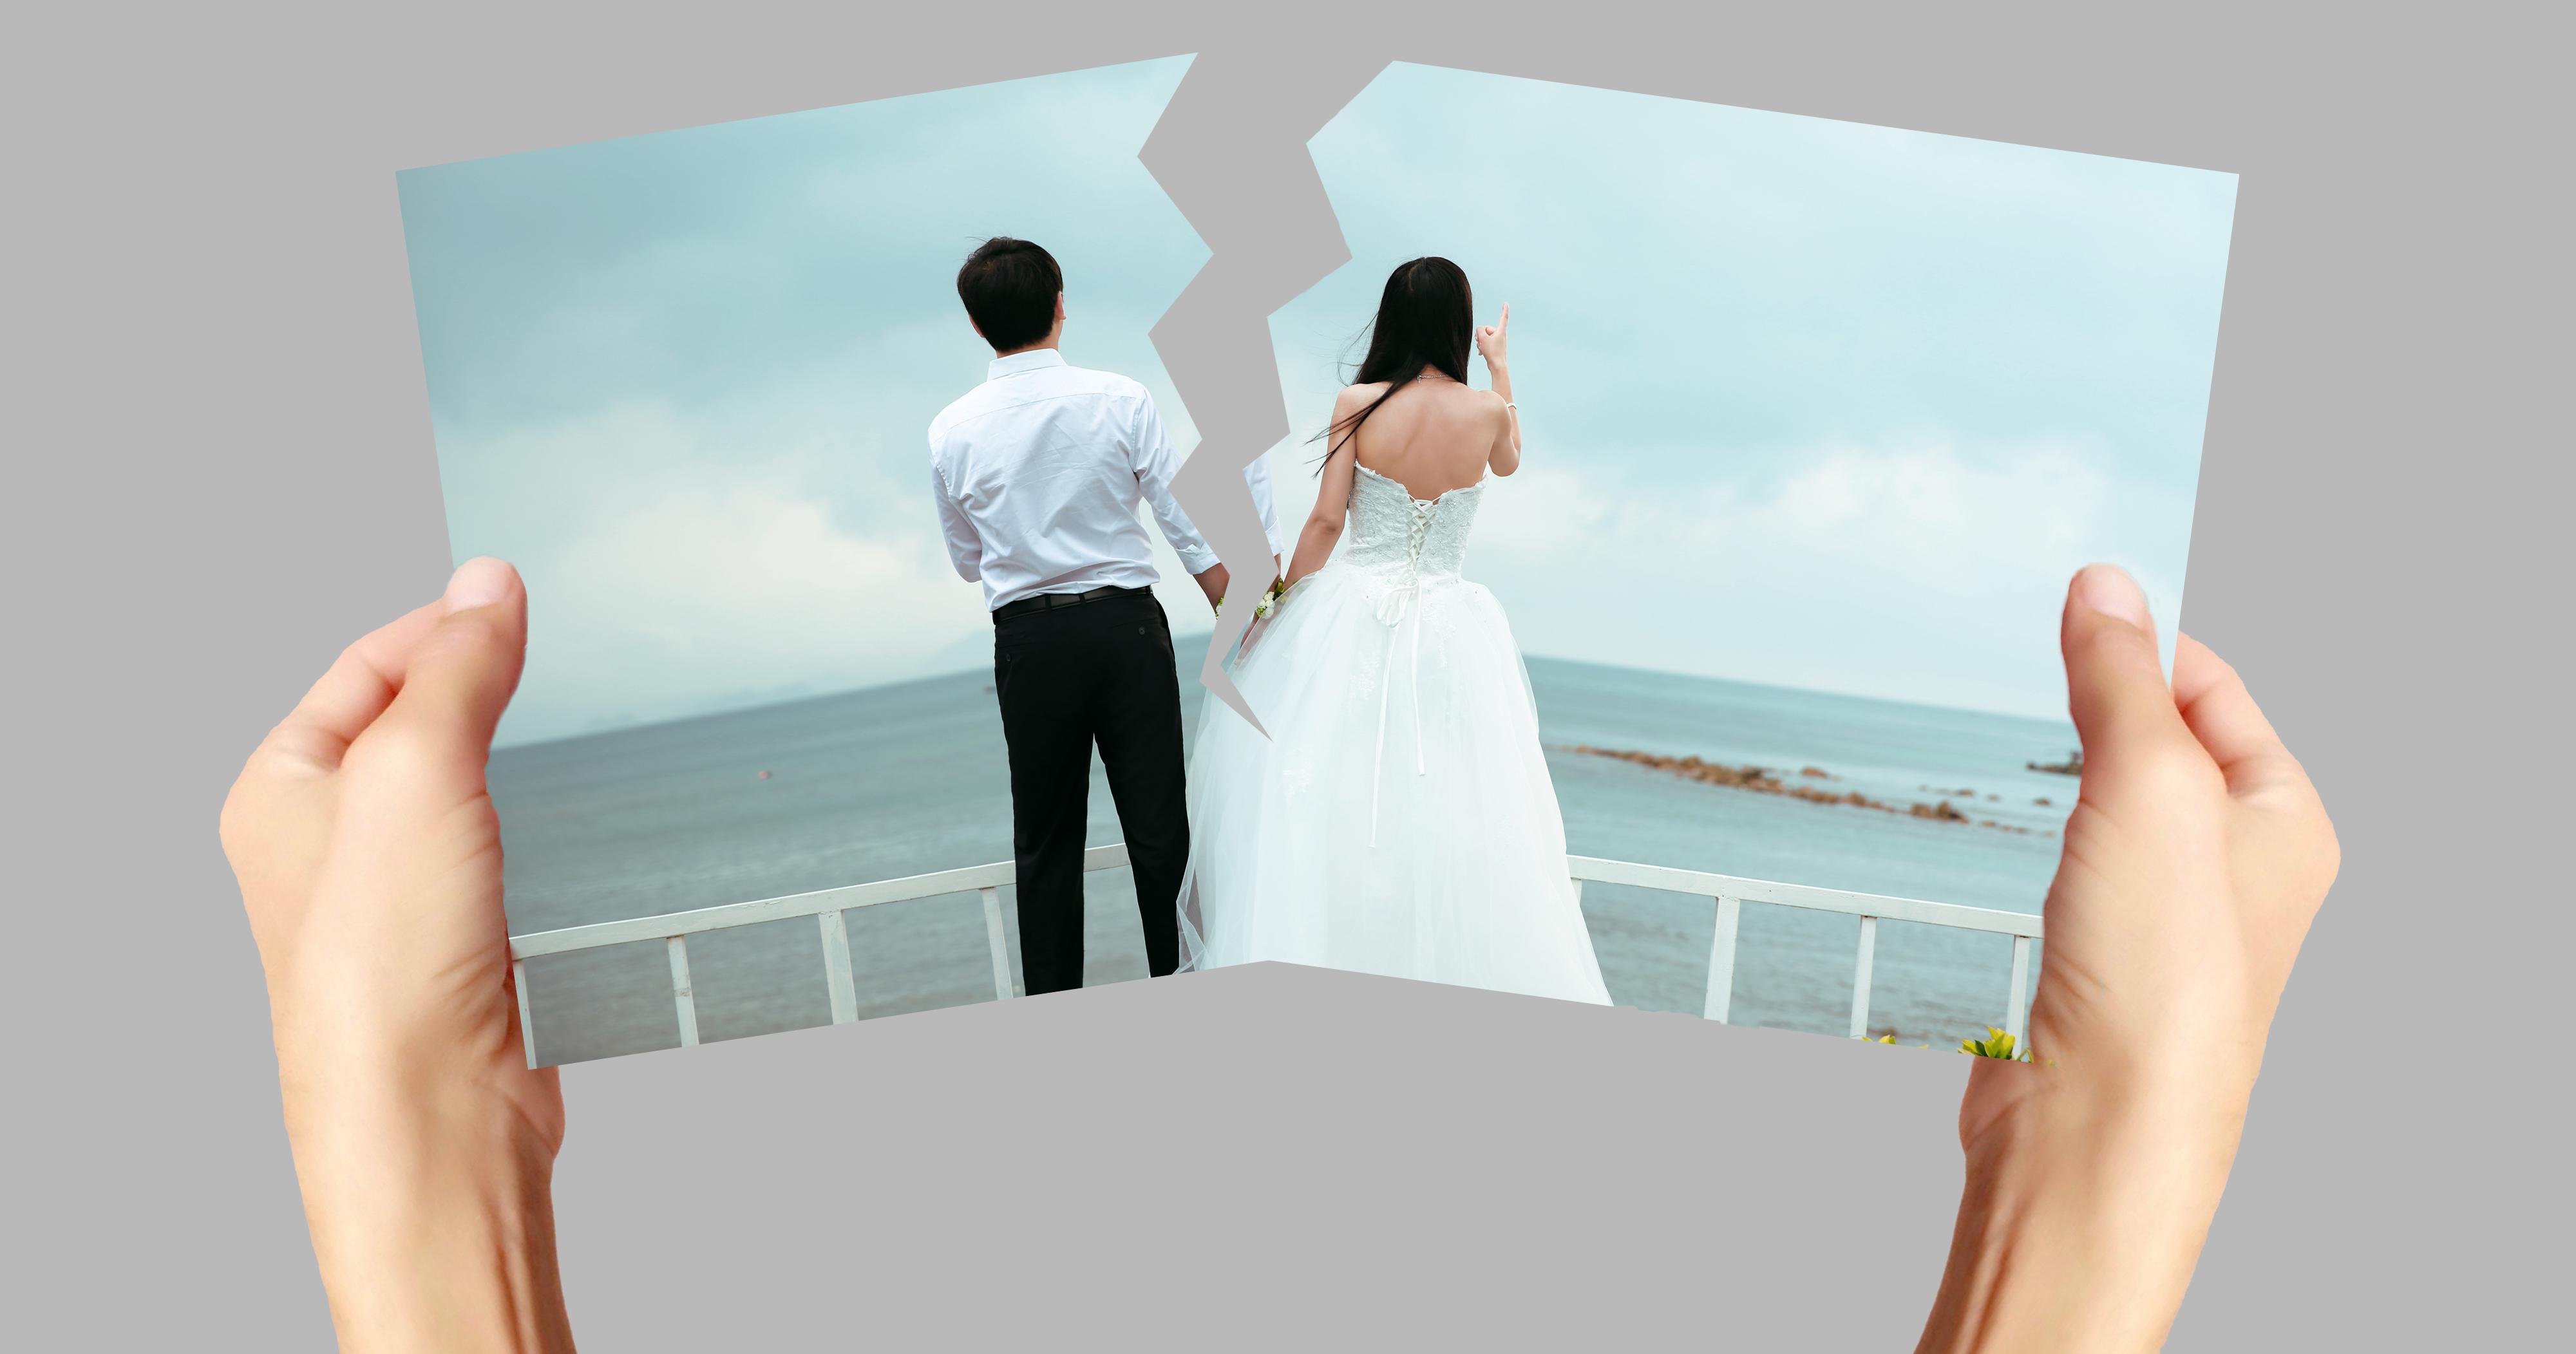 涉外婚姻办理的起诉离婚